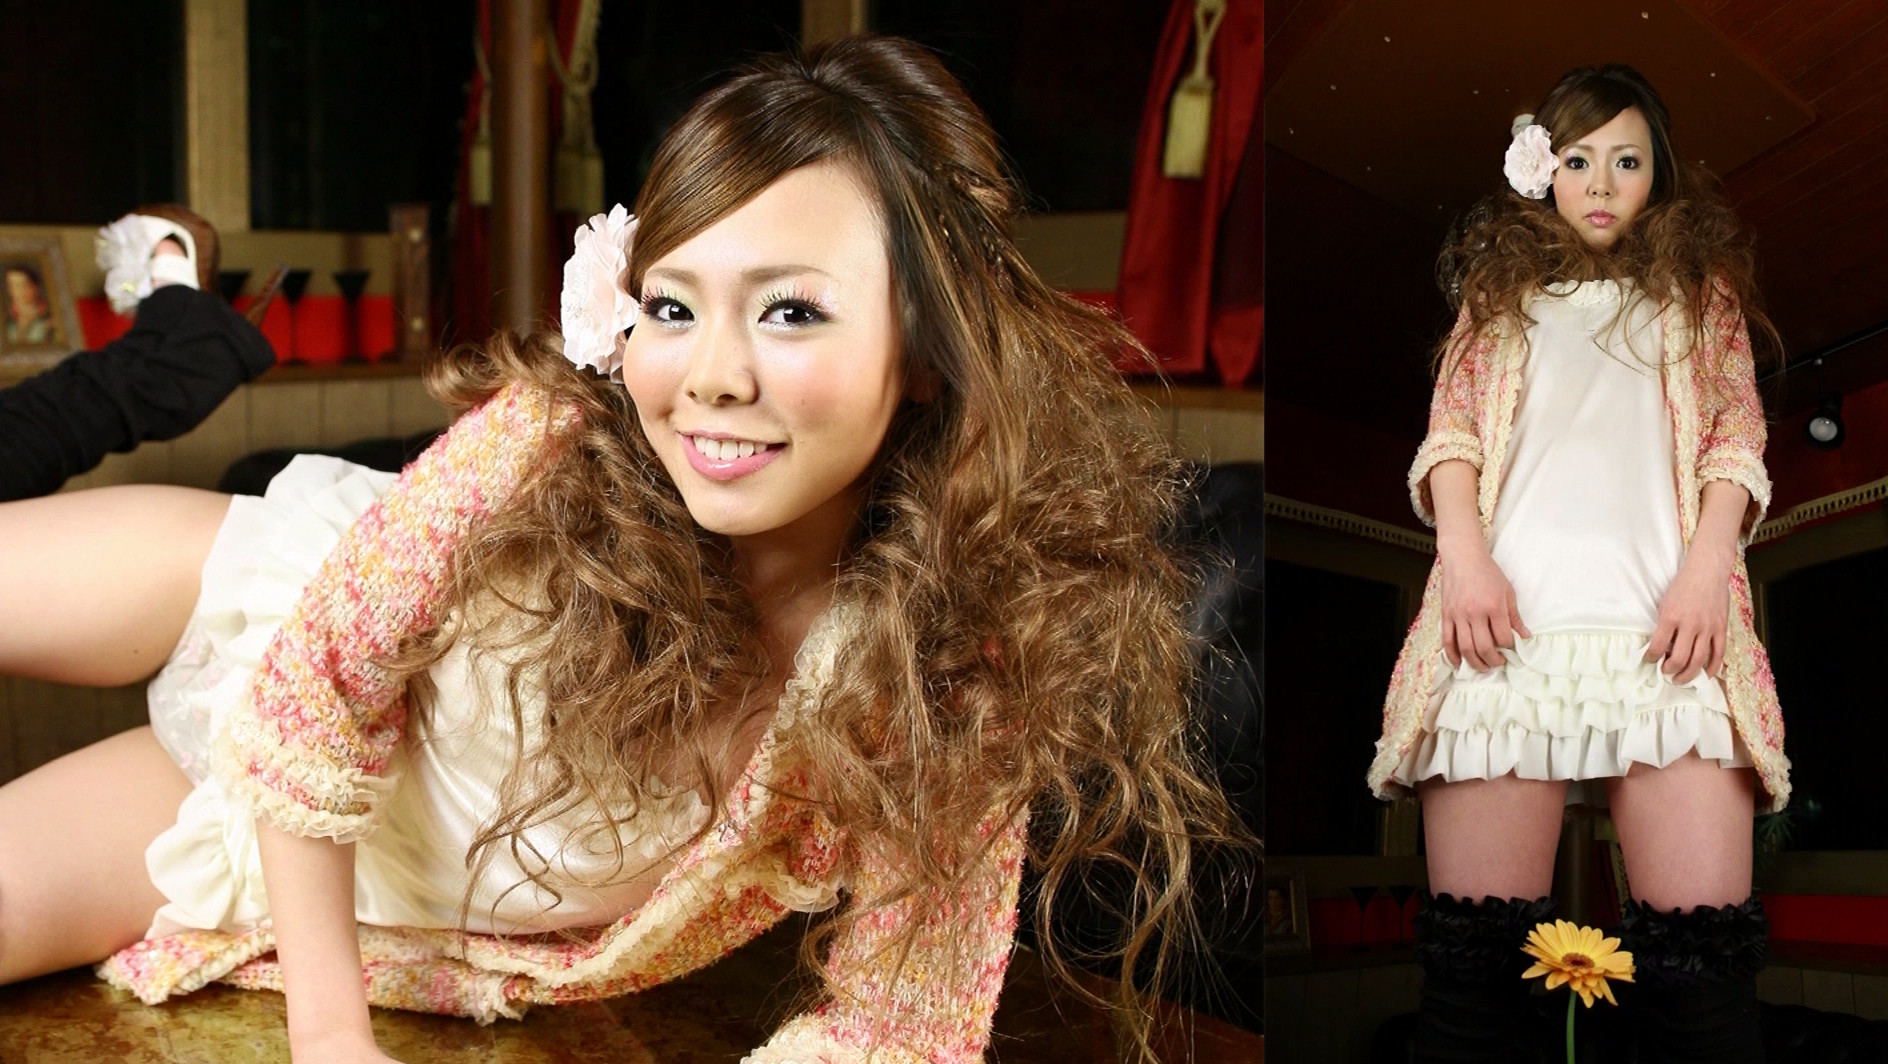 スーツ姿からヌードまで!パラダイステレビ歴代女子アナ5人のヌケるSEXYグラビア集 画像8